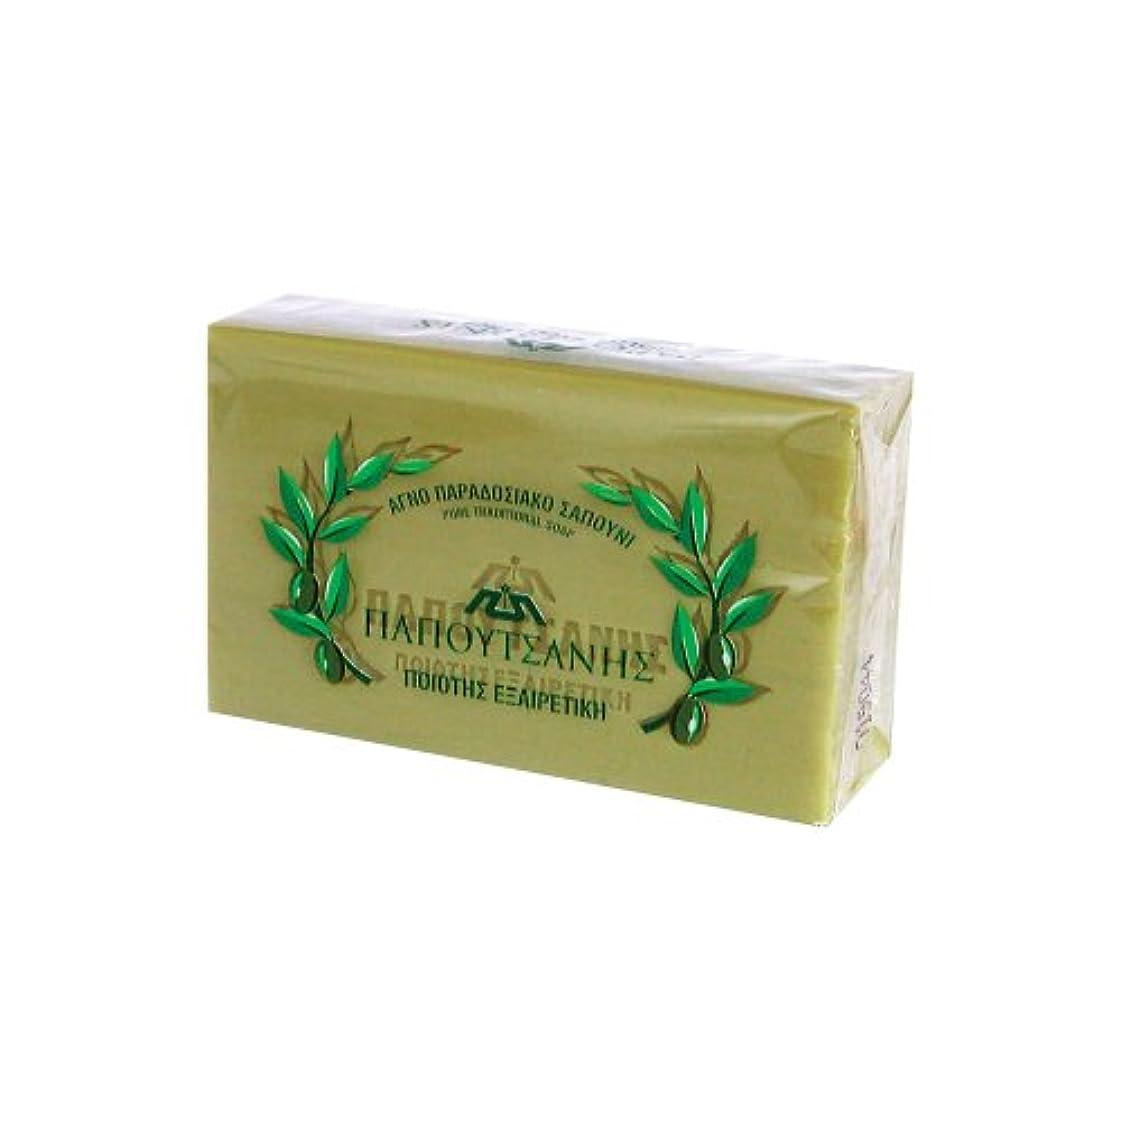 の量バドミントン森林ギリシャの石鹸 パポタニス125g